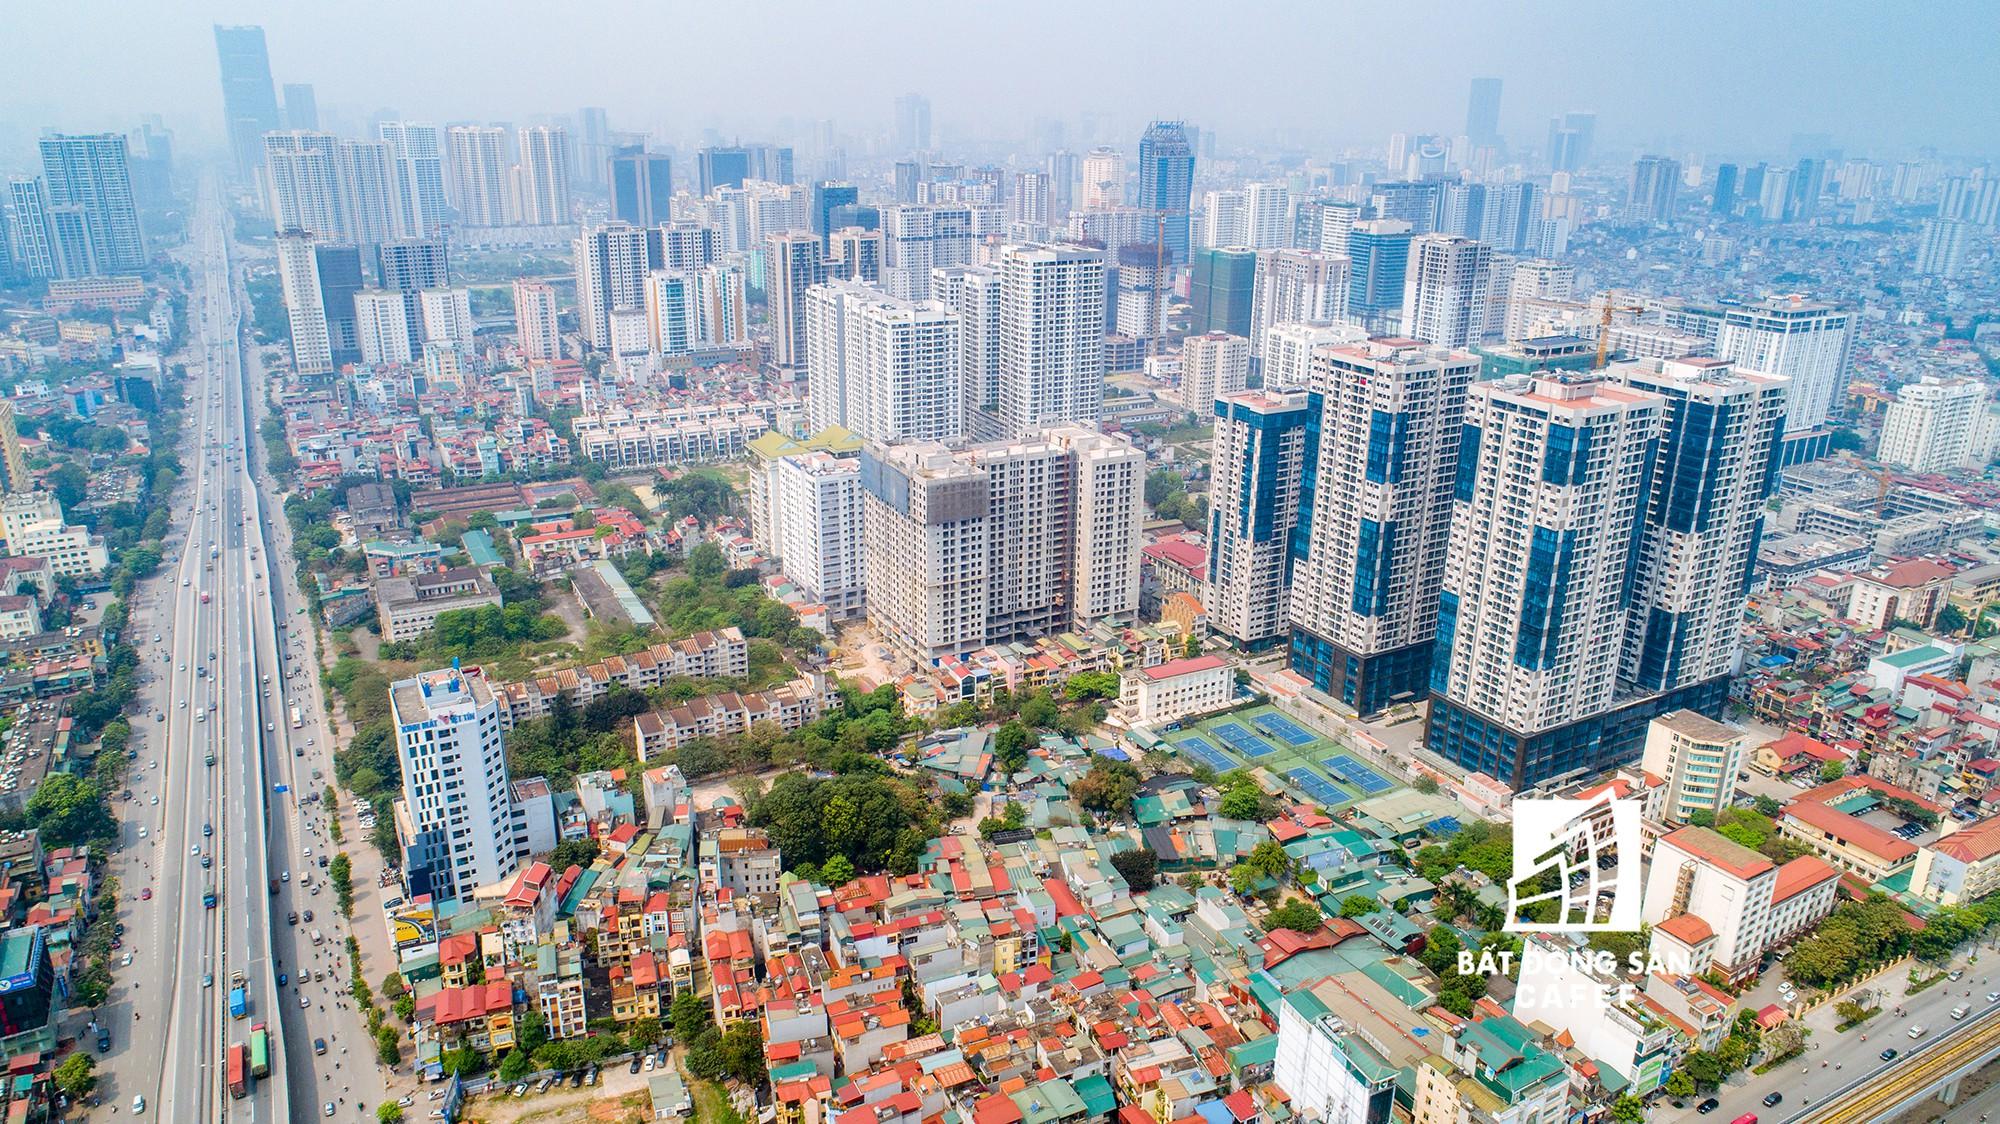 """Toàn cảnh """"rừng"""" cao ốc đang bóp nghẹt khu đô thị kiểu mẫu bậc nhất Hà Nội - Ảnh 2."""